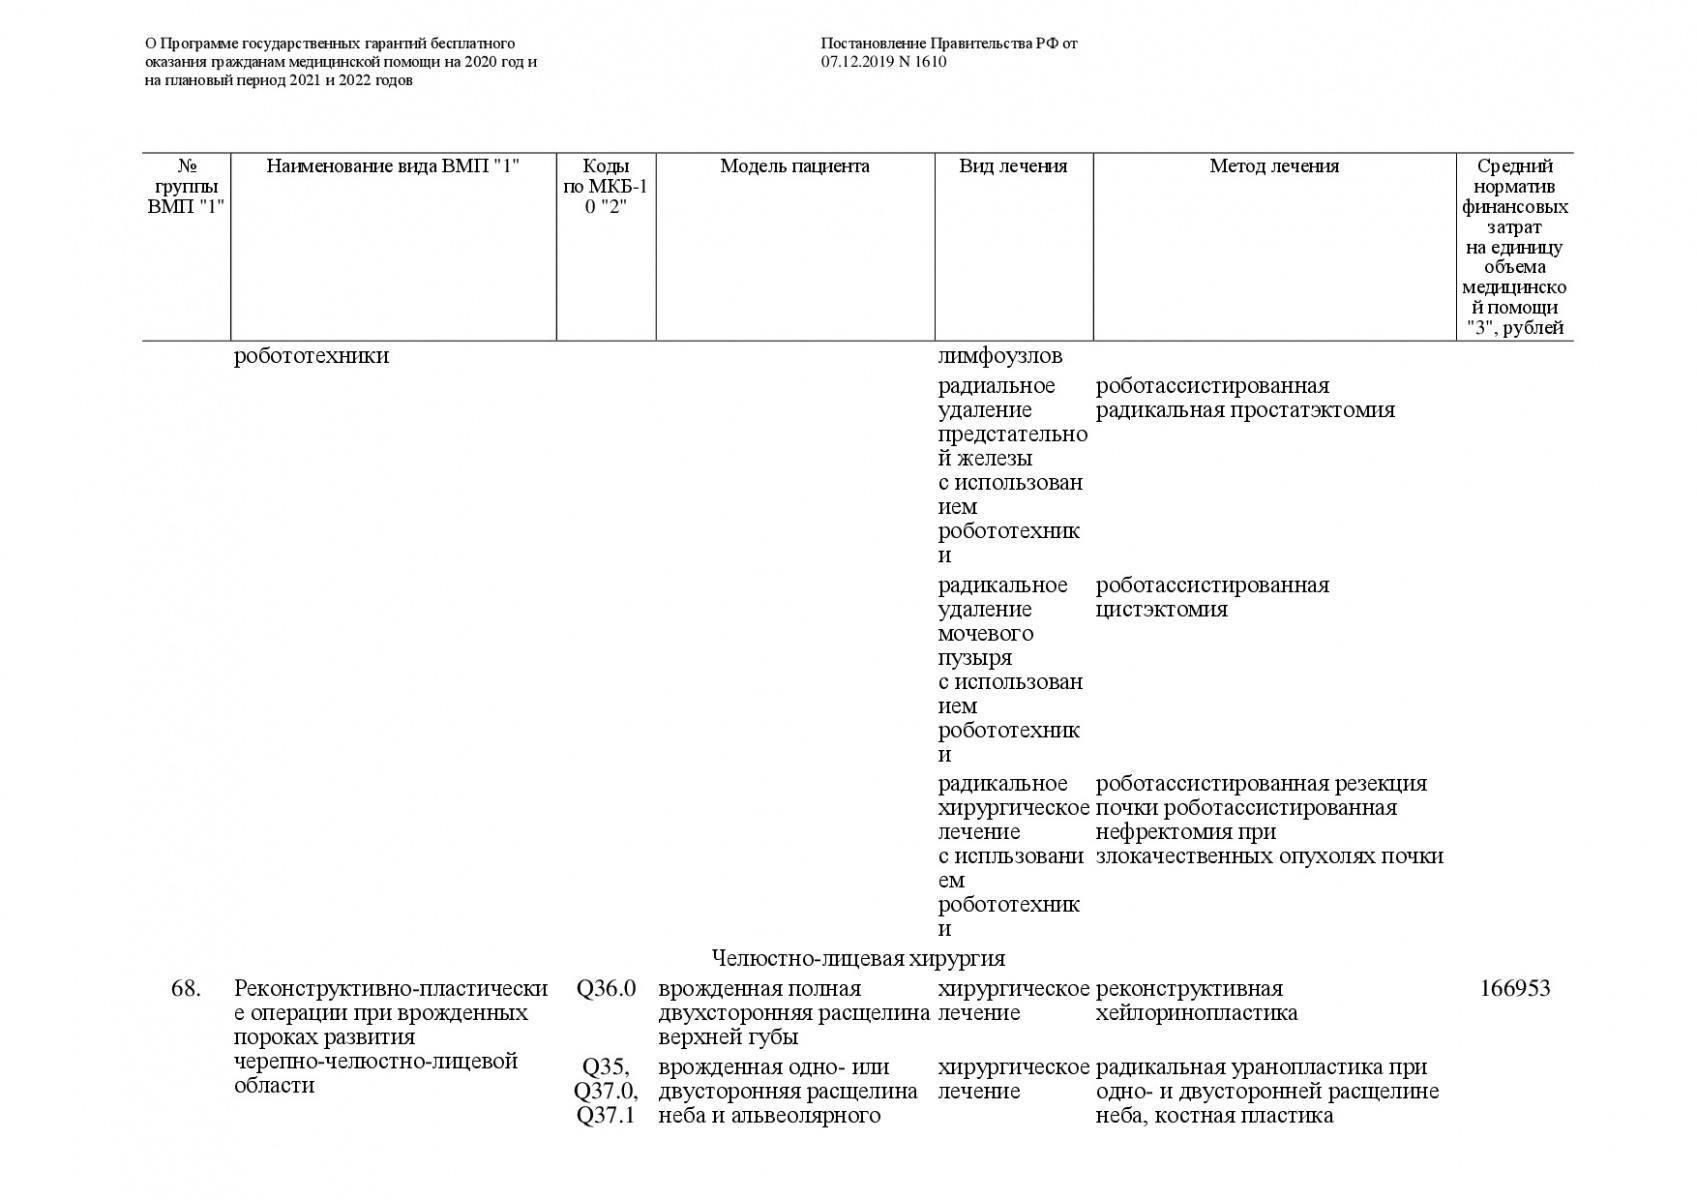 Postanovlenie-Pravitelstva-RF-ot-07_12_2019-1610-O-PGG-293